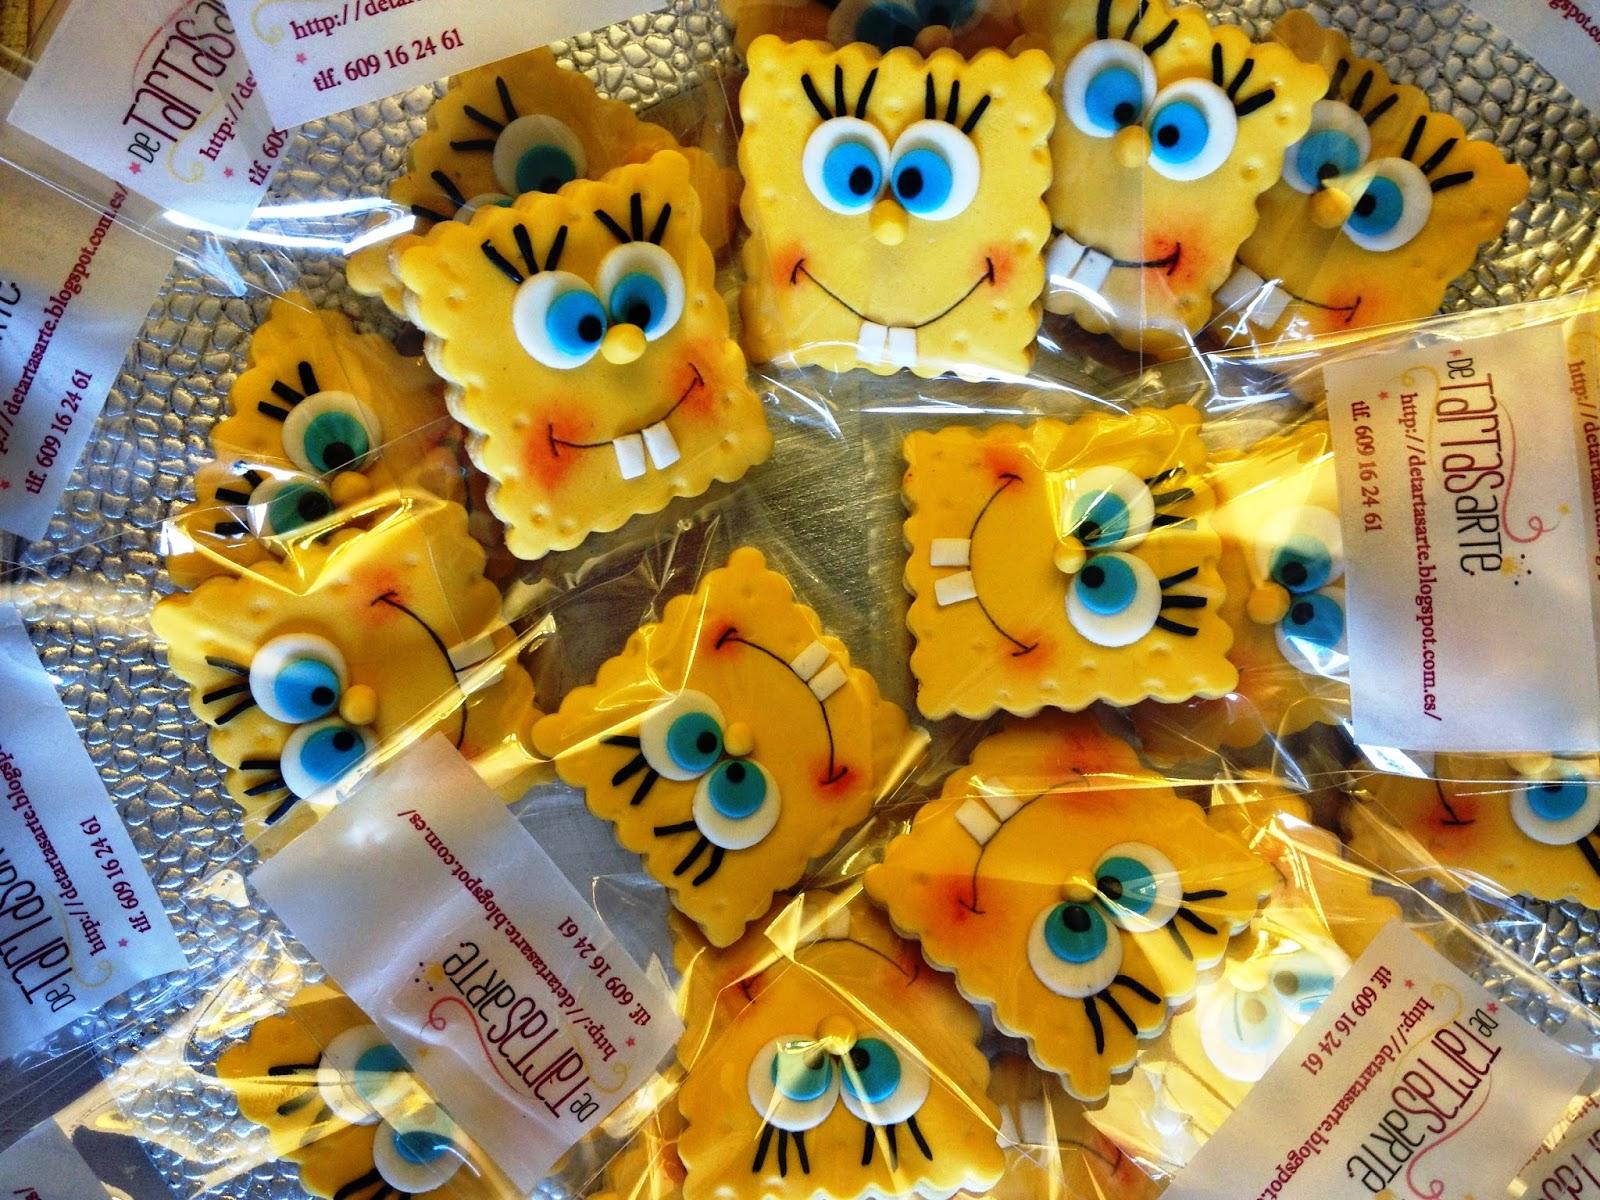 GALLETAS fondant decoradas, bob esponja; galletas bob esponja